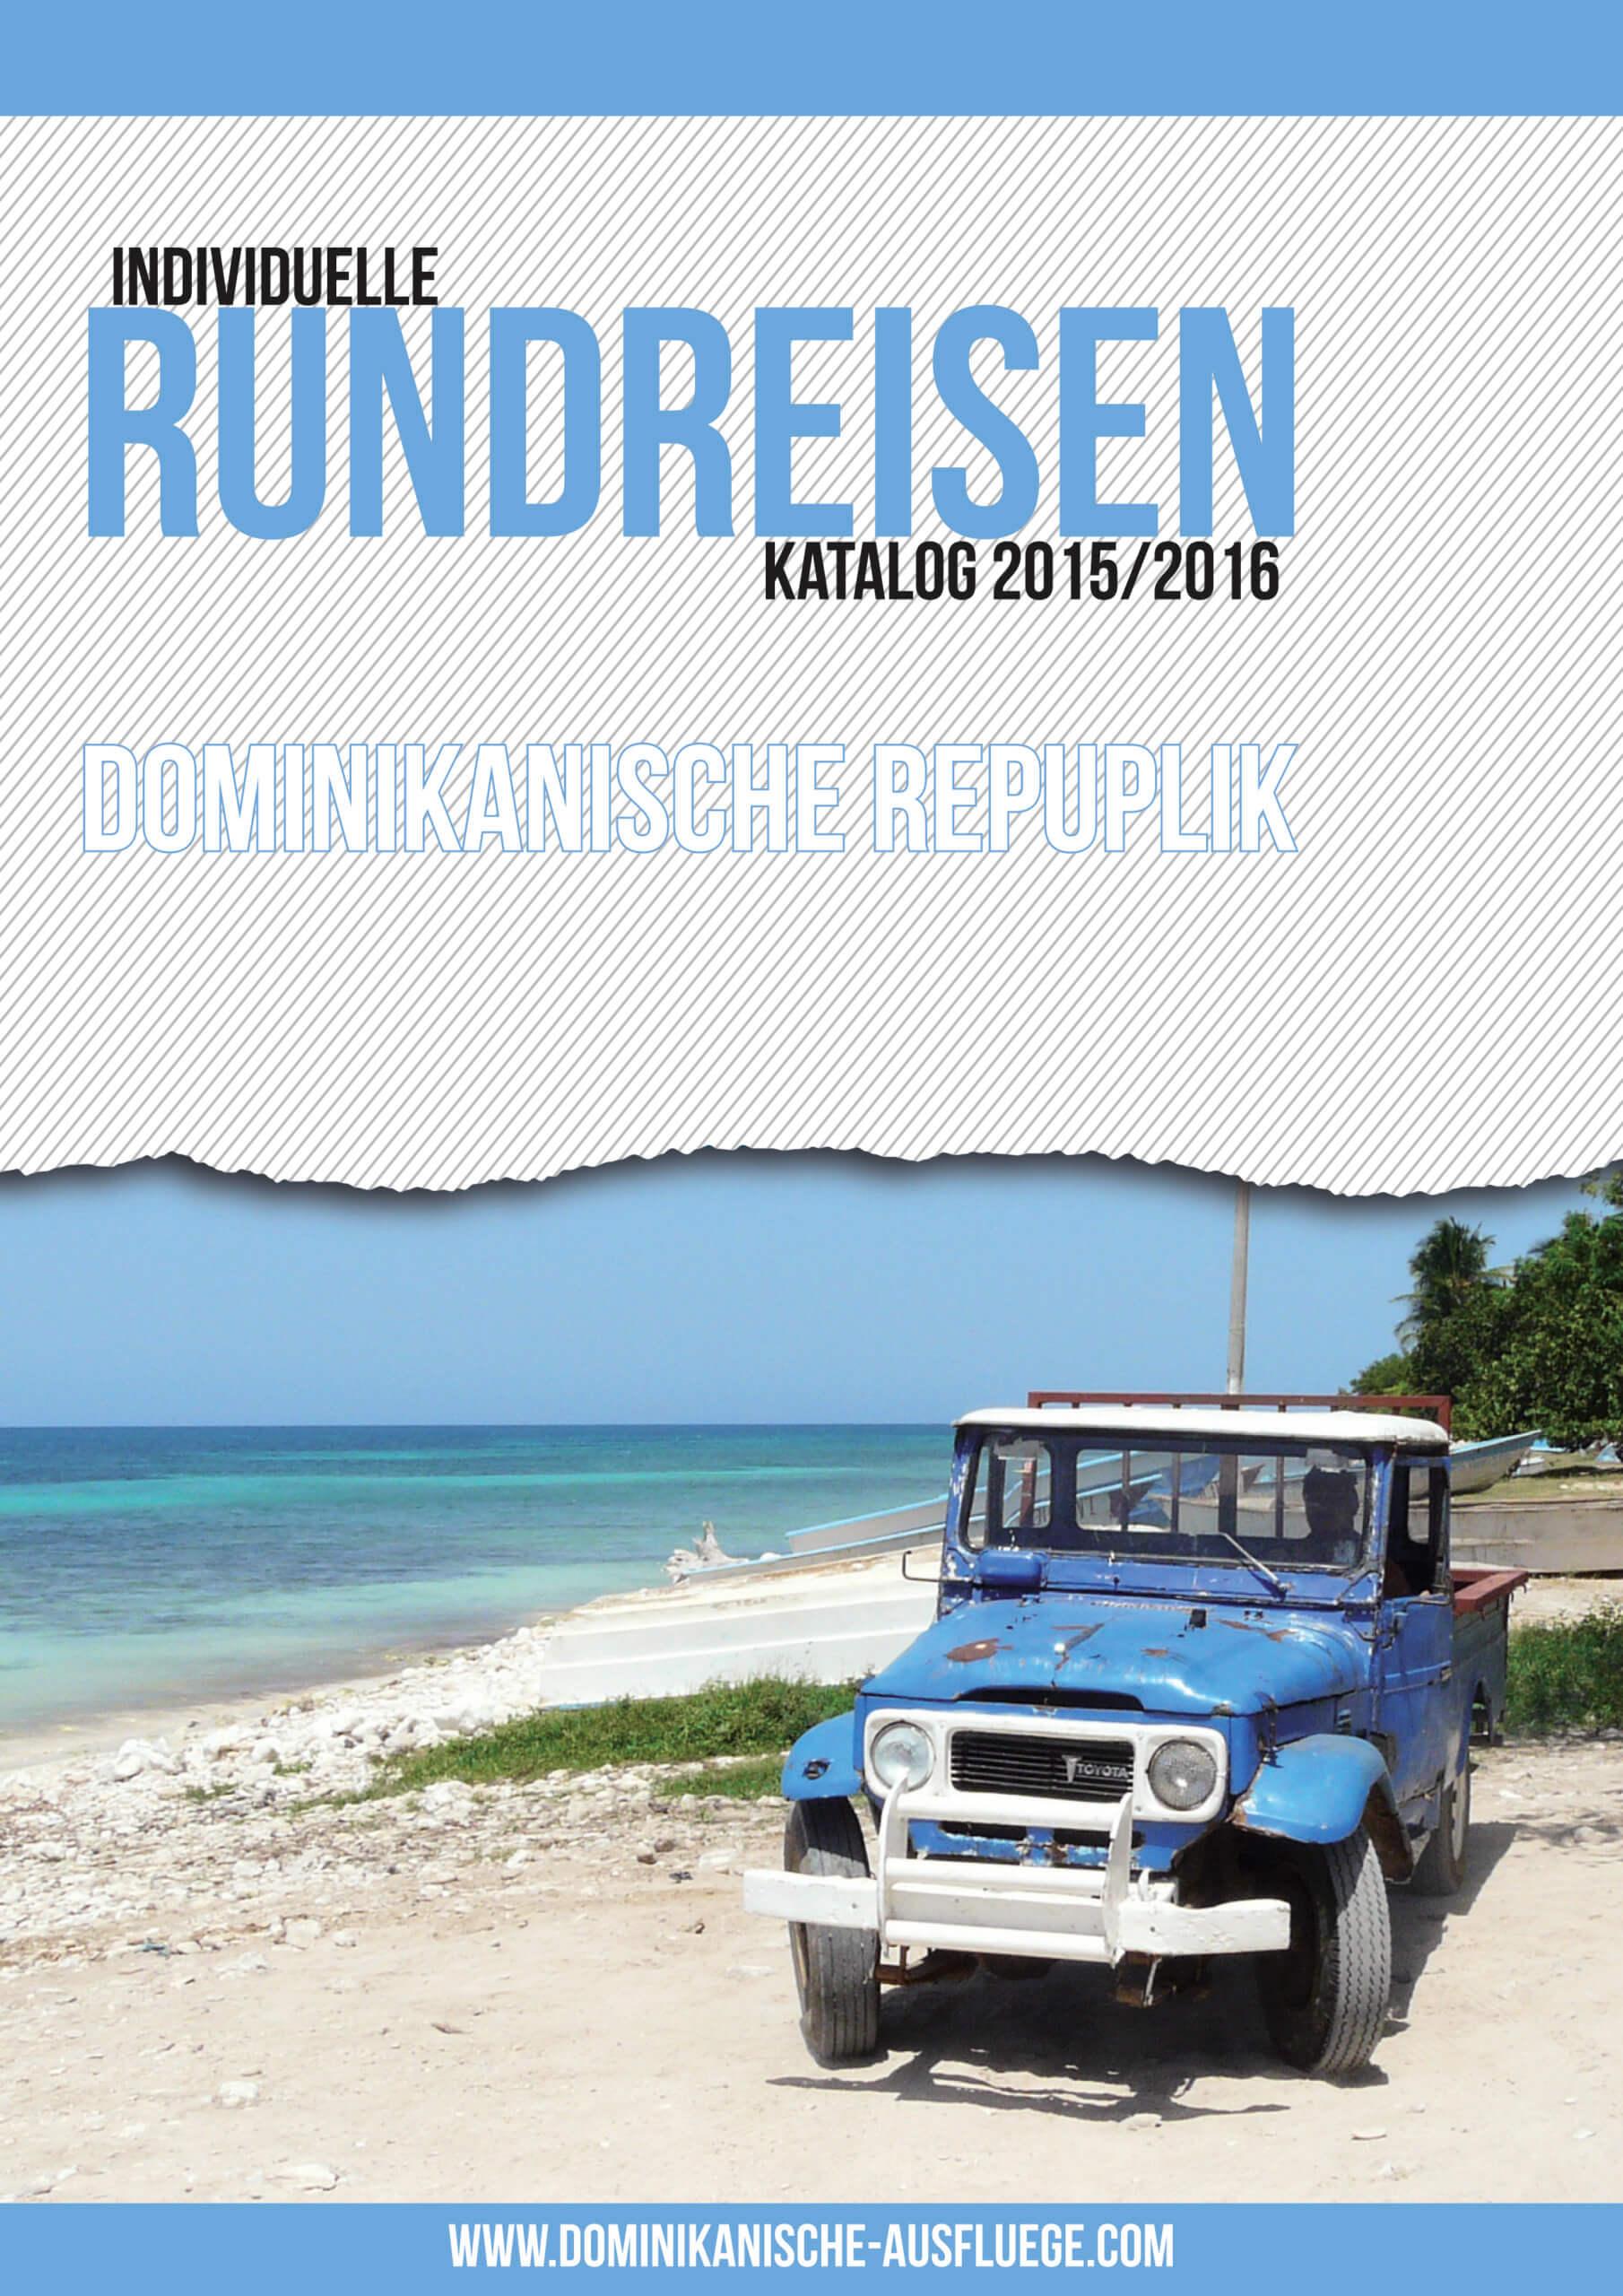 Rundreisen Katalog Dominikanische Republik